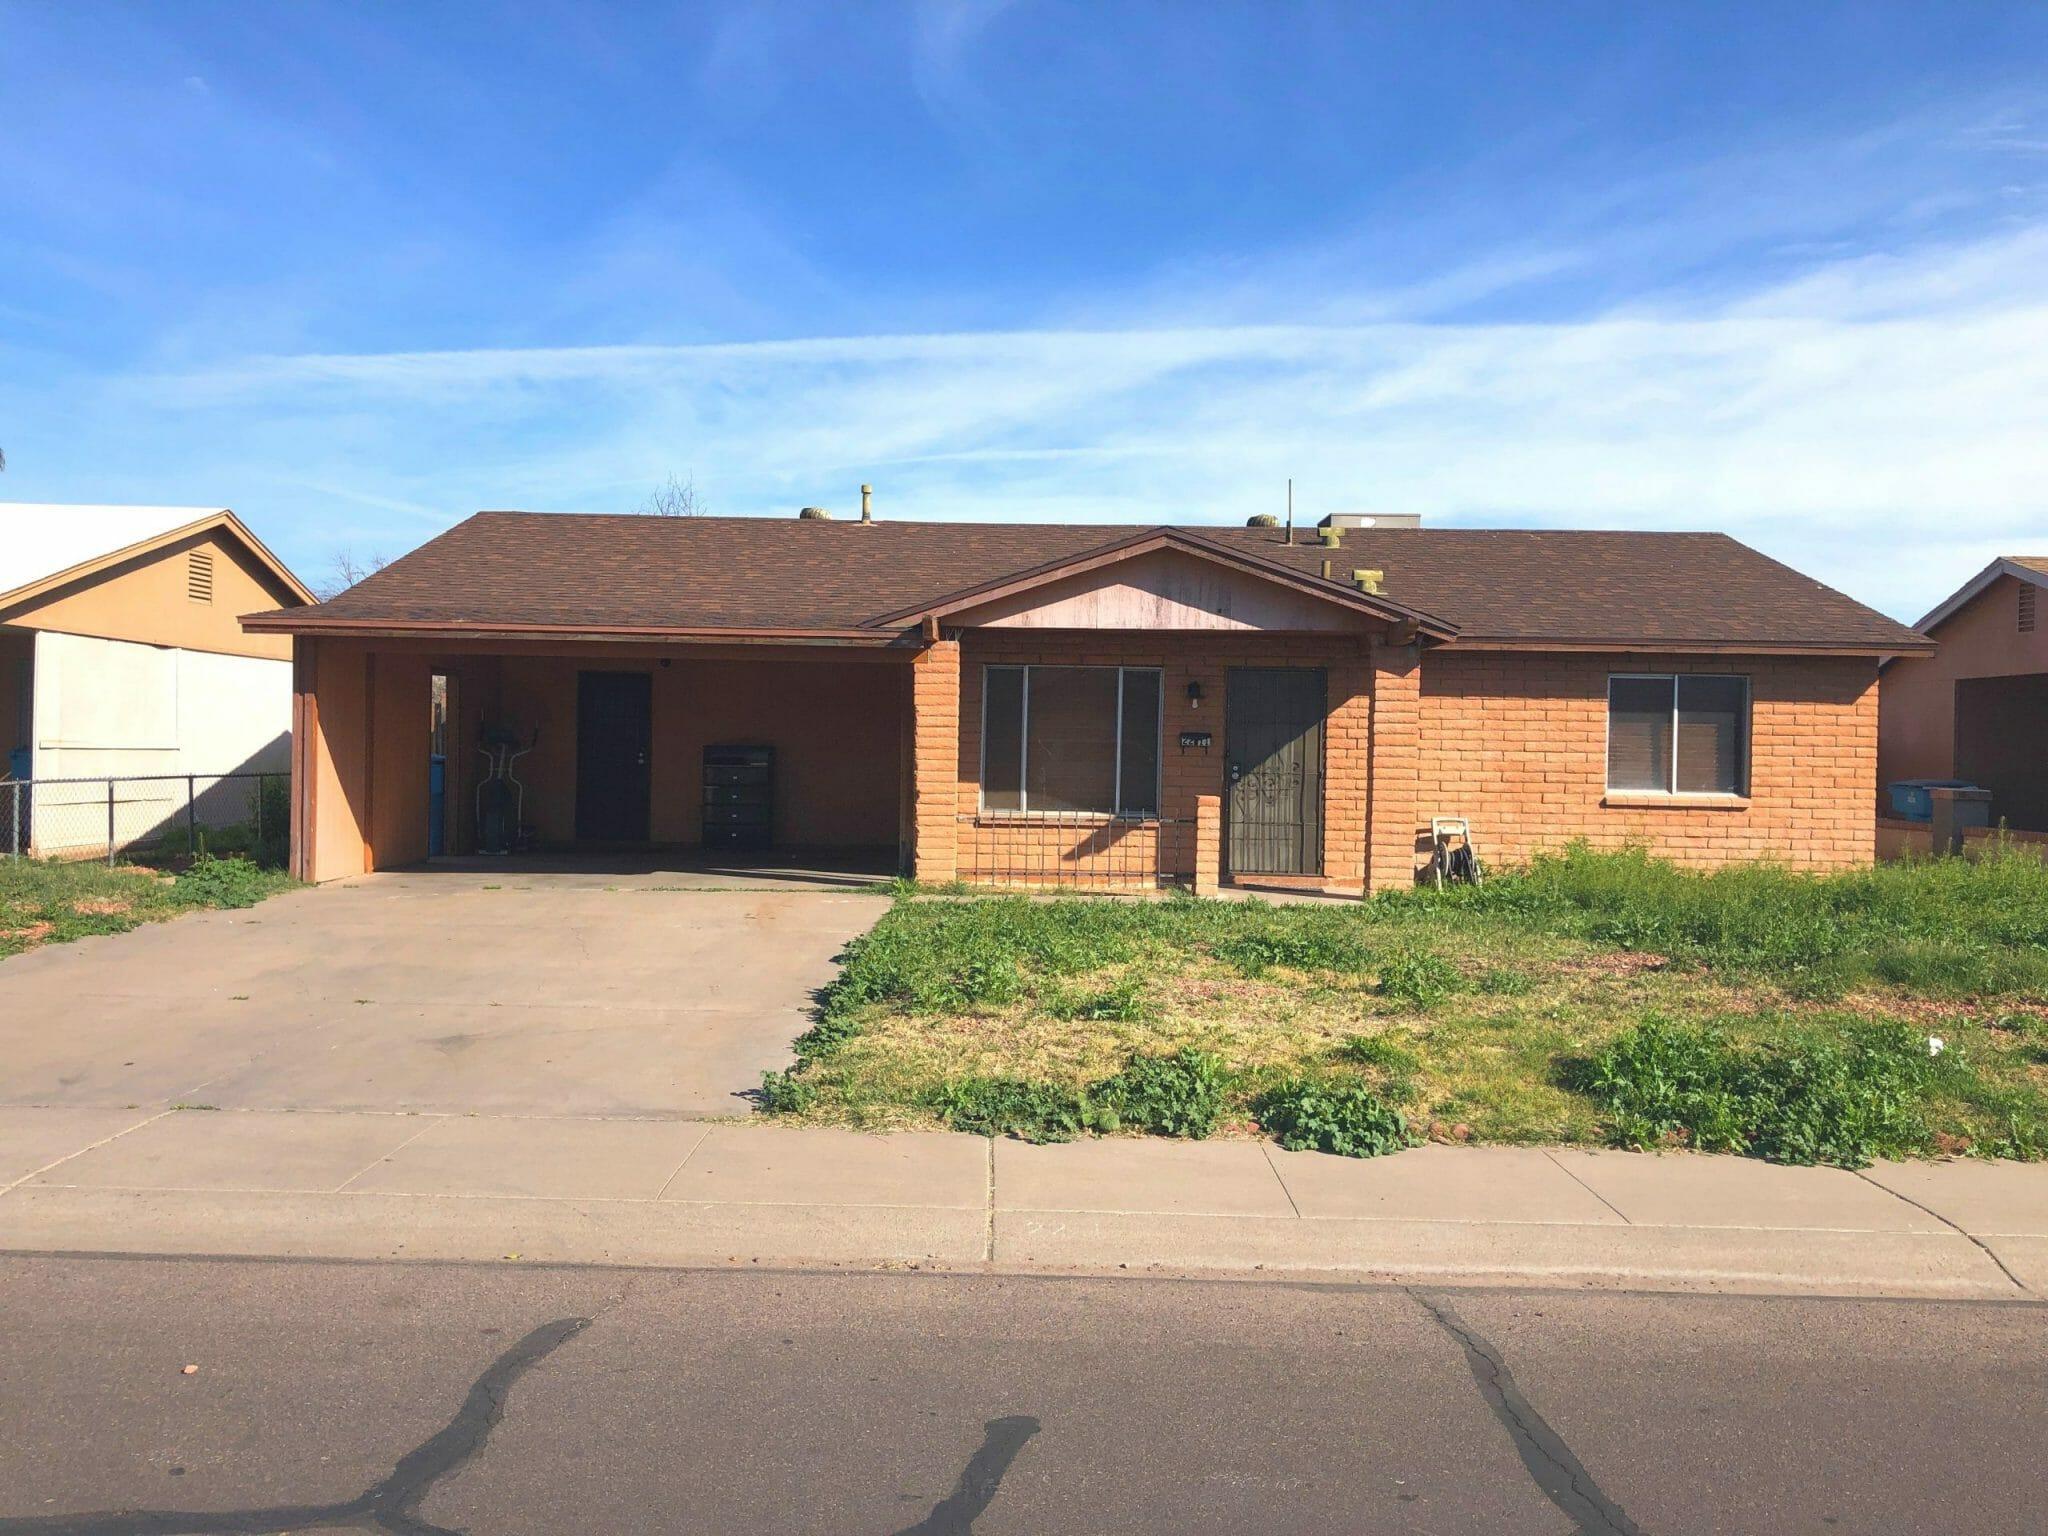 2211 N 53rd Ave, Phoenix, AZ 85035